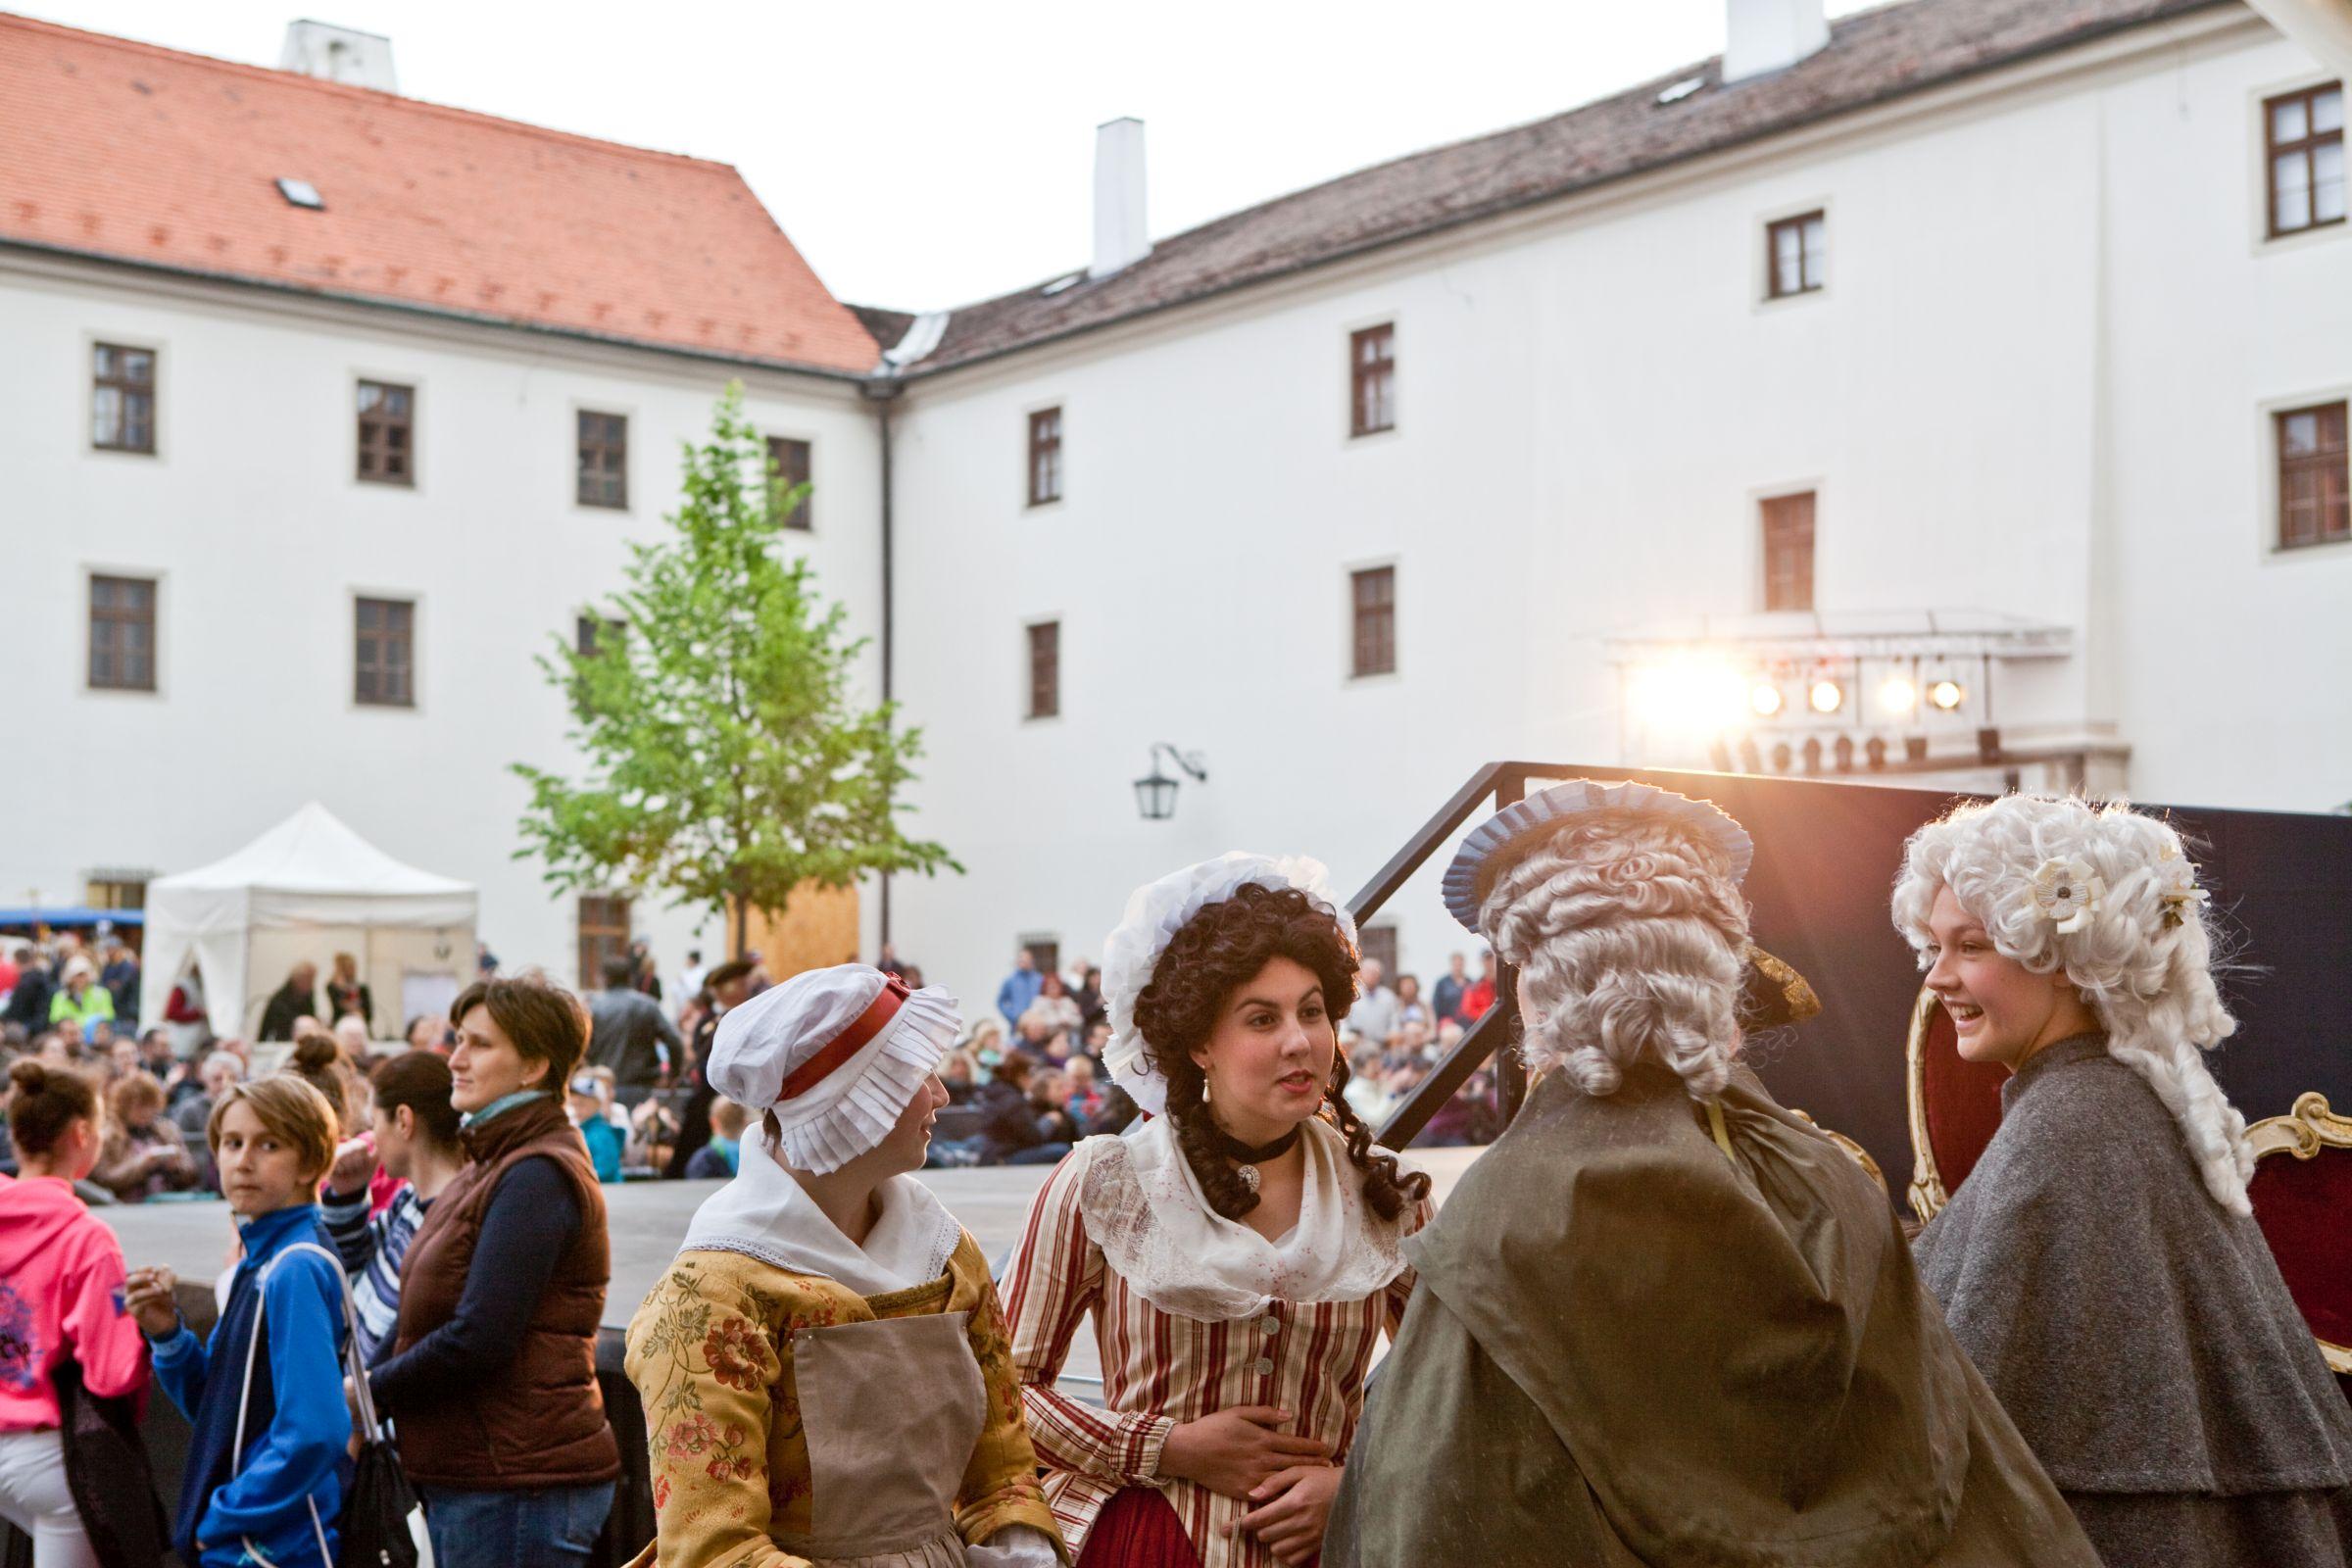 Castle Špilberk in Brno